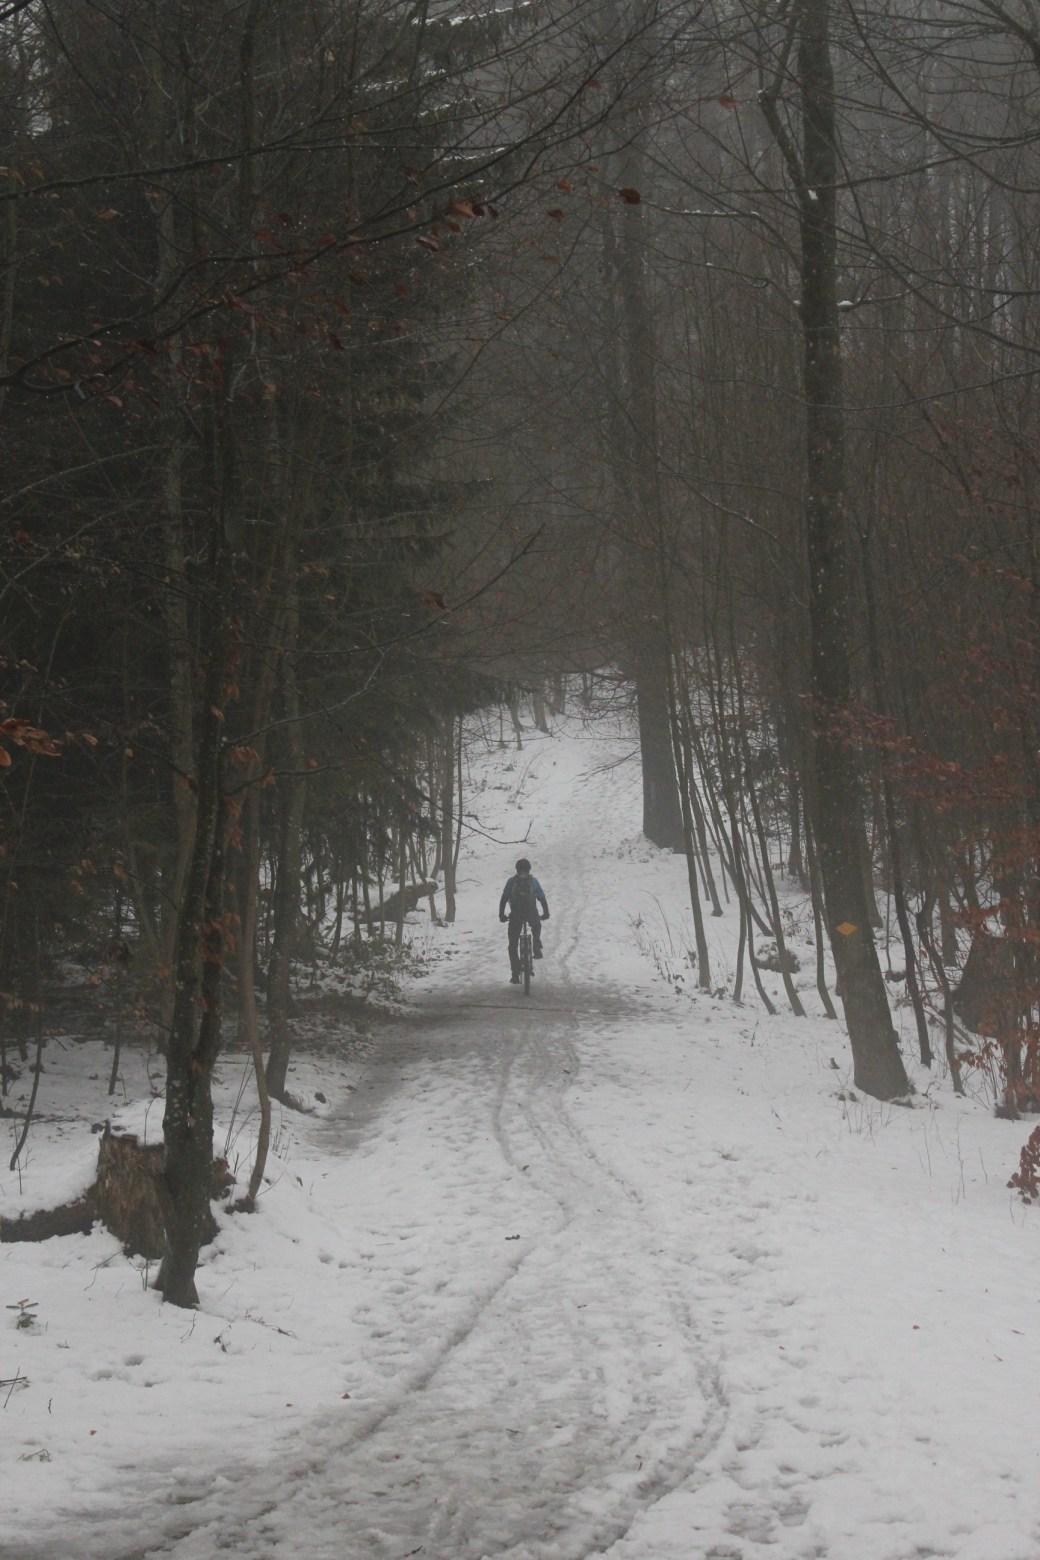 Snow Biker Zurich, Switzerland; 2011